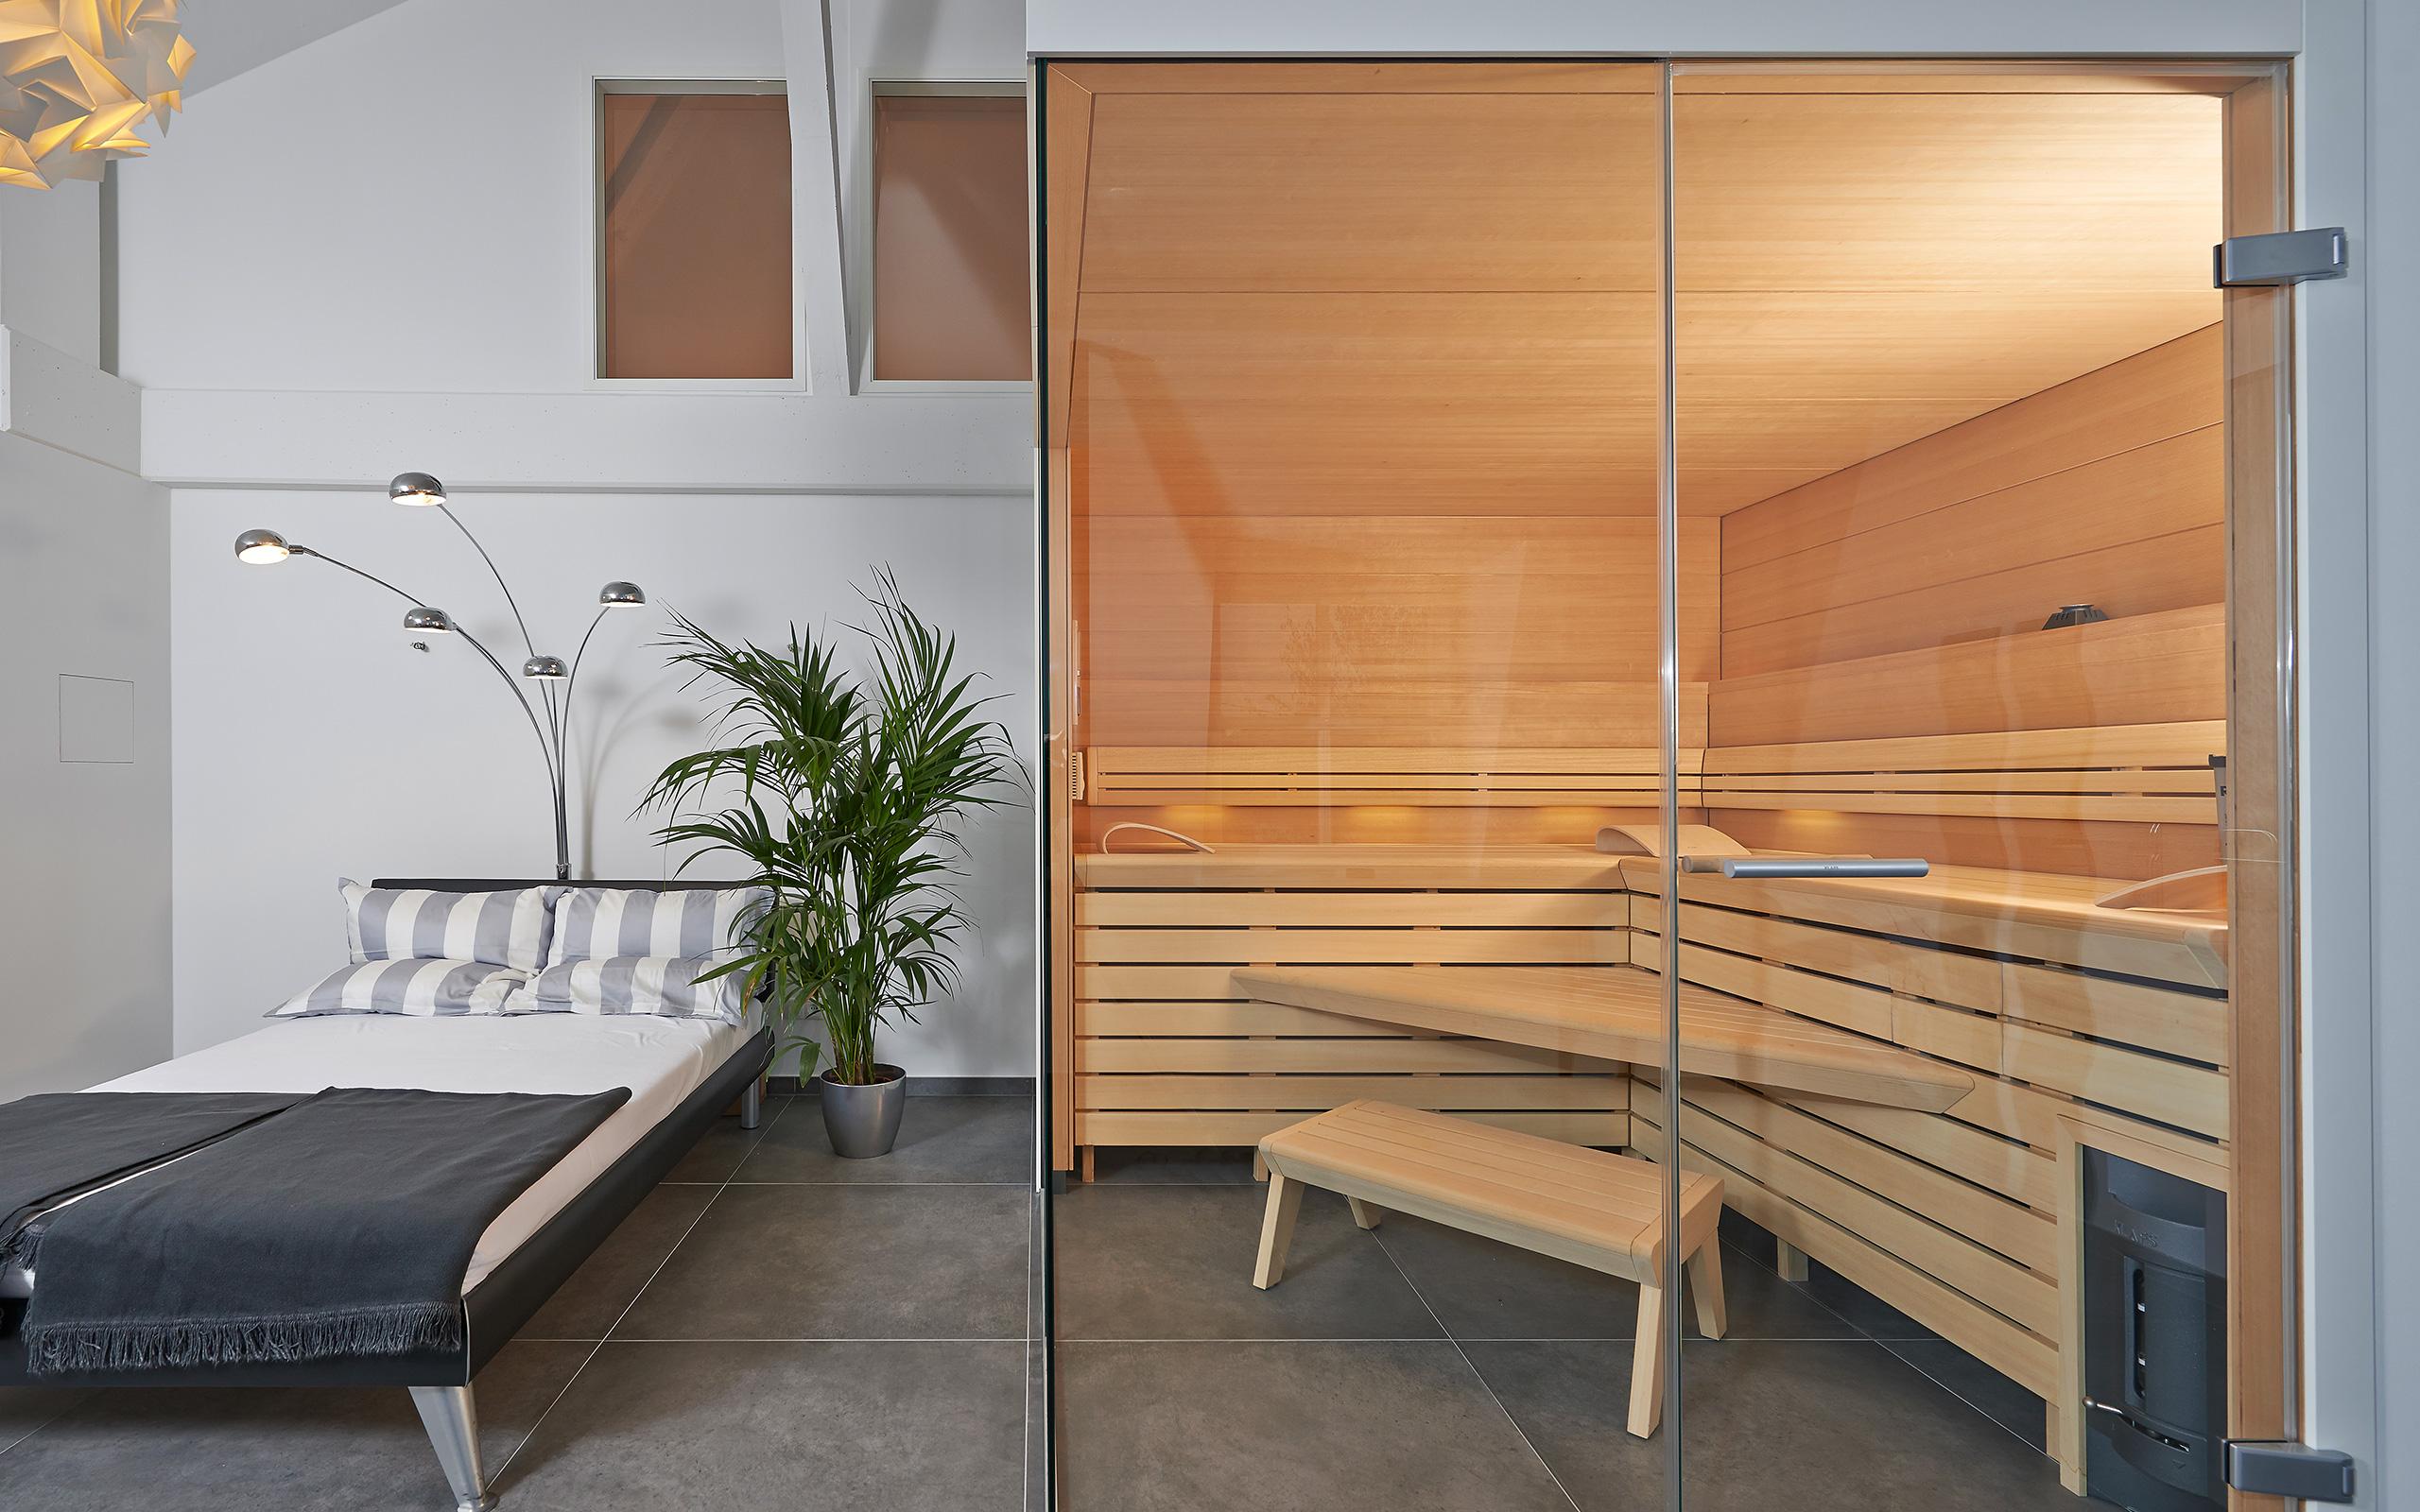 Full Size of Sauna Kaufen Nach Ma Gartensauna Modern Aussensauna Holzonde Im Badezimmer Küche Tipps Garten Betten Big Sofa Duschen Günstig Fenster In Polen Mit Wohnzimmer Sauna Kaufen